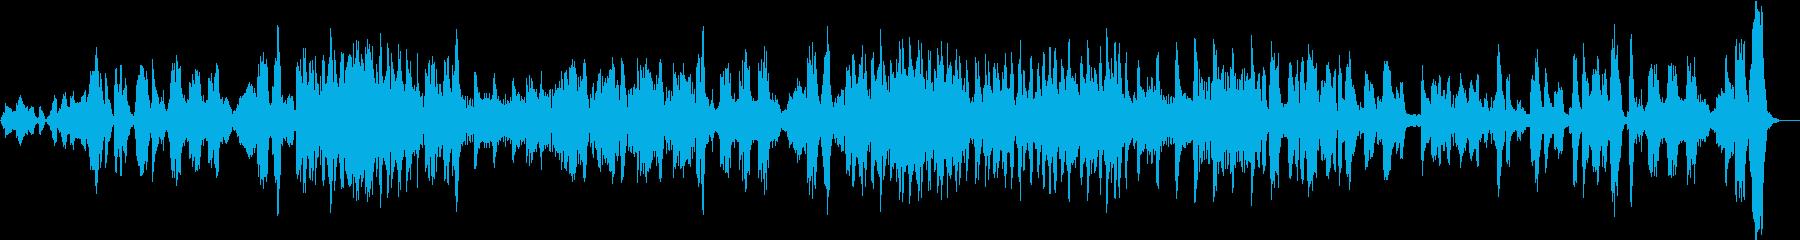 スピカートを多用した、リズミカルな曲。の再生済みの波形